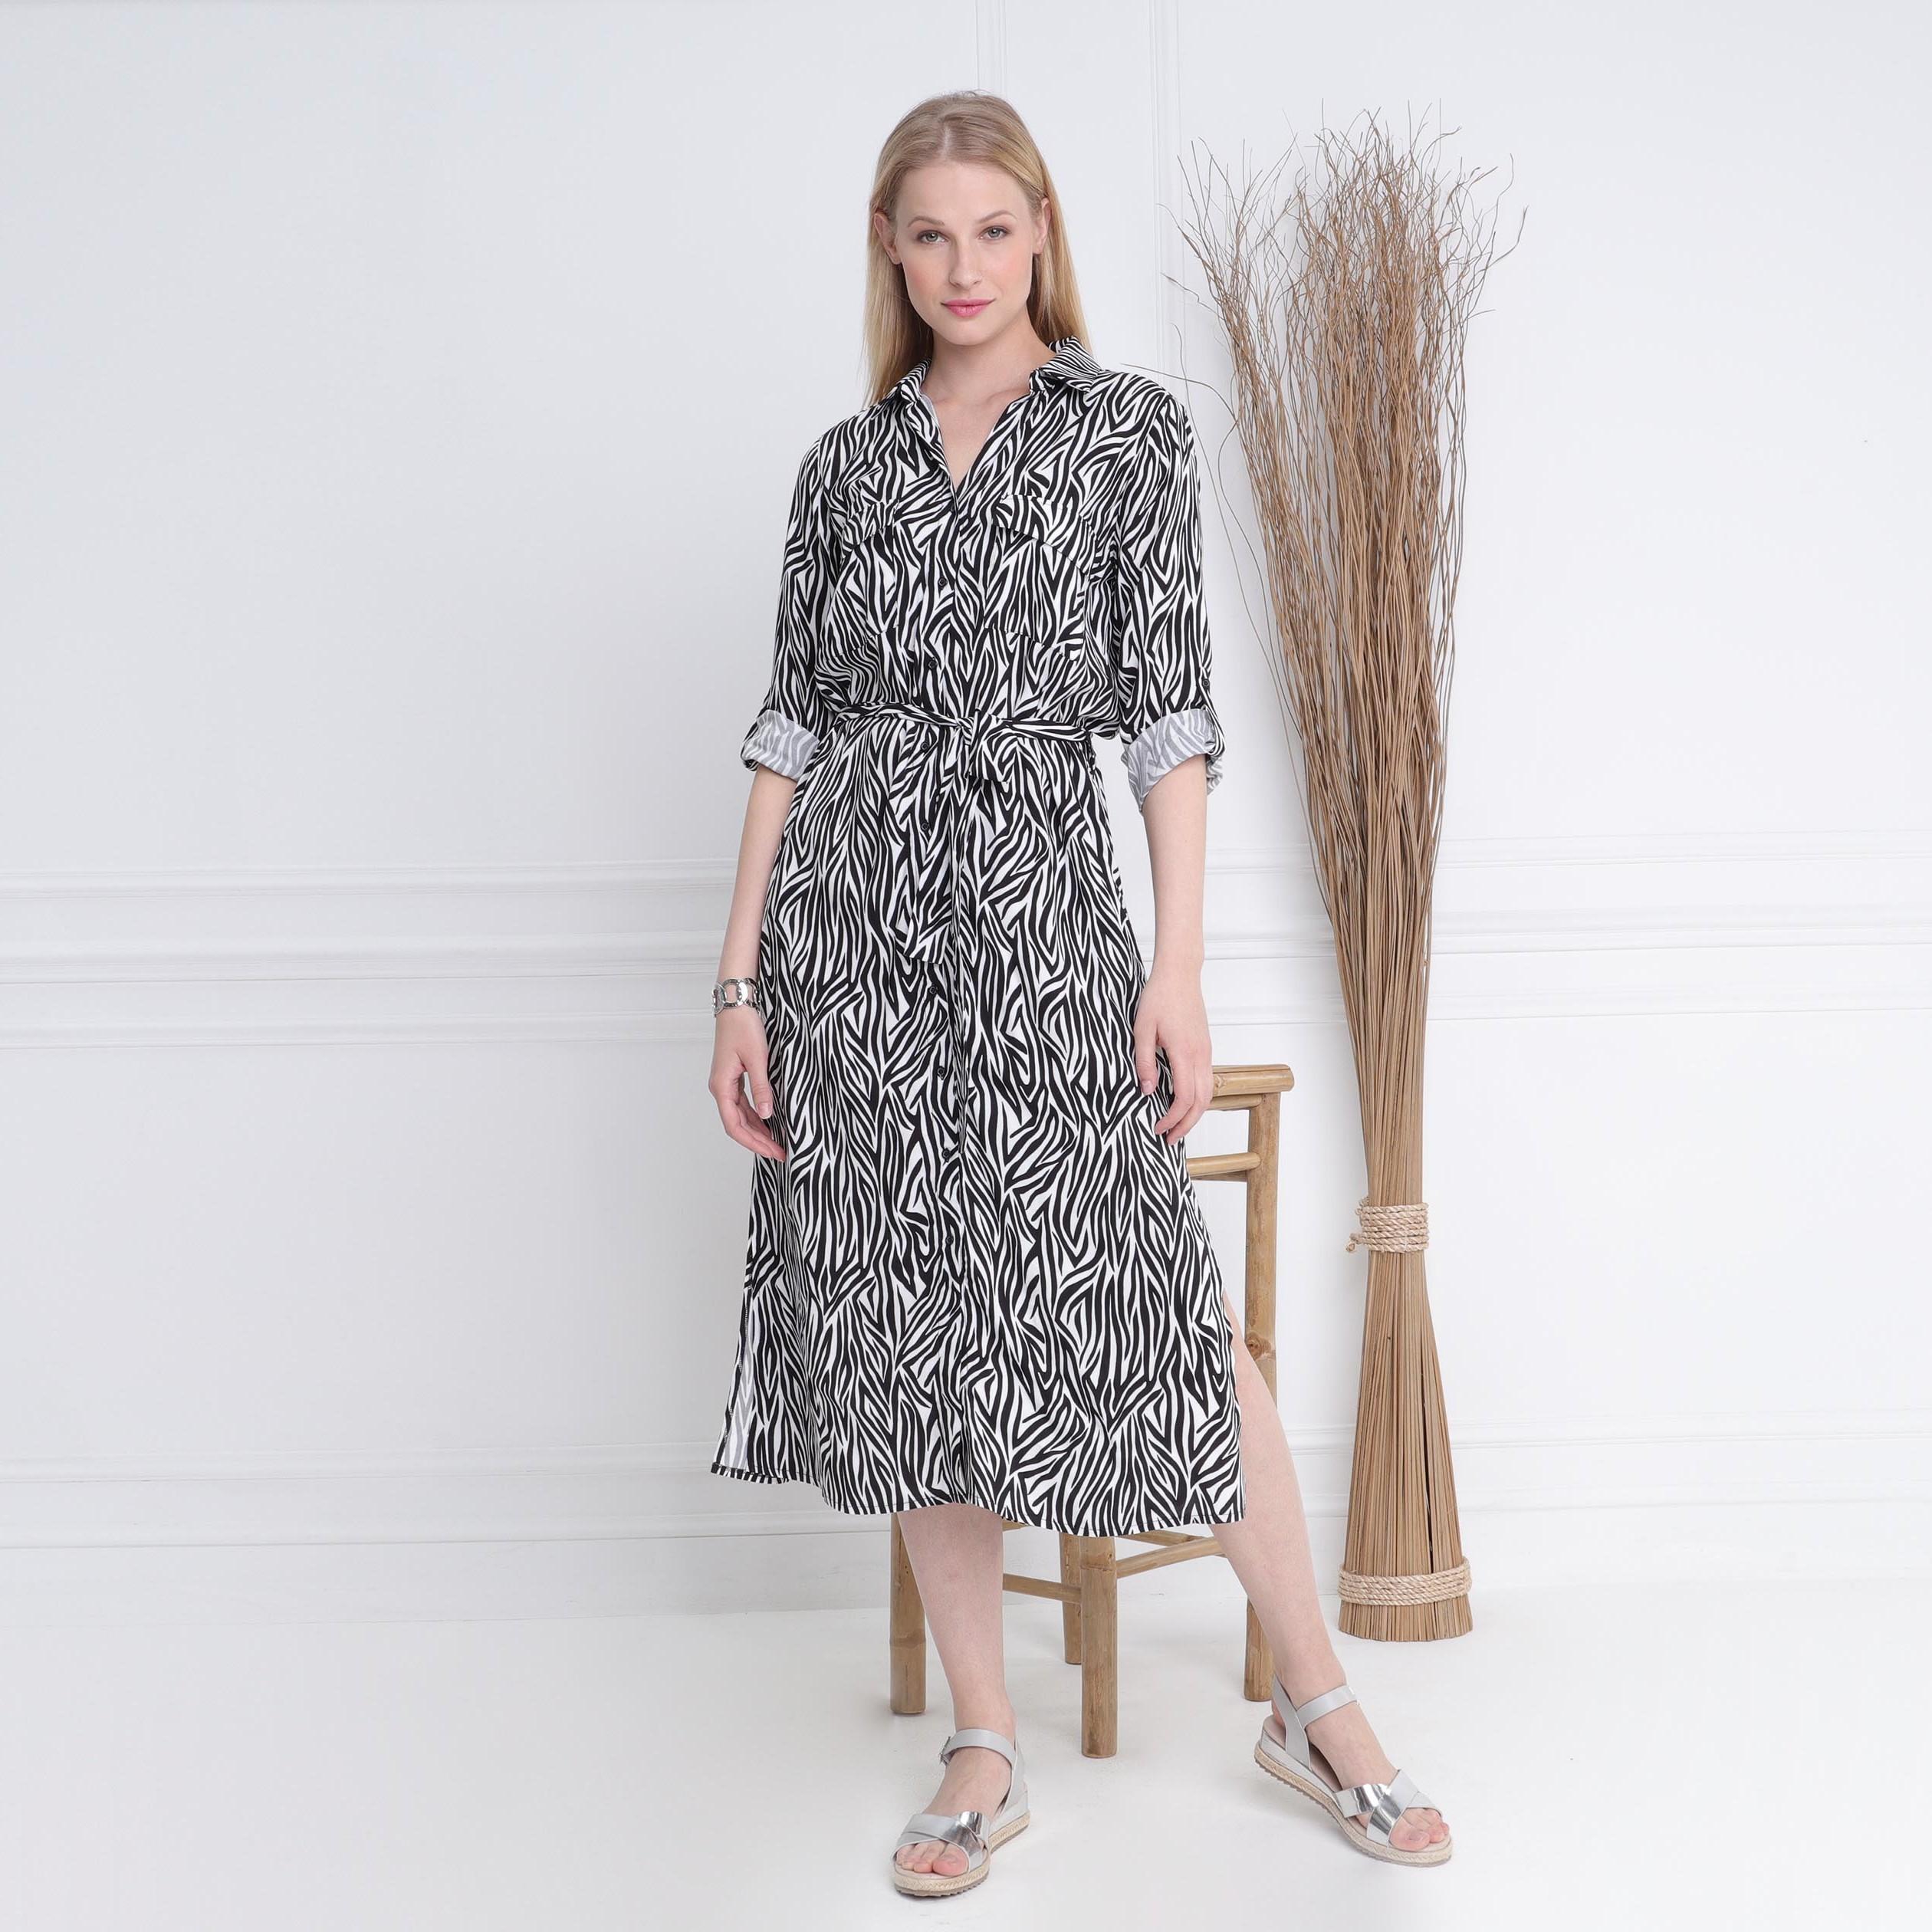 Chemise Mnwpyn80vo Longue Robe Noir Droite Femmevib's PXiOkZu